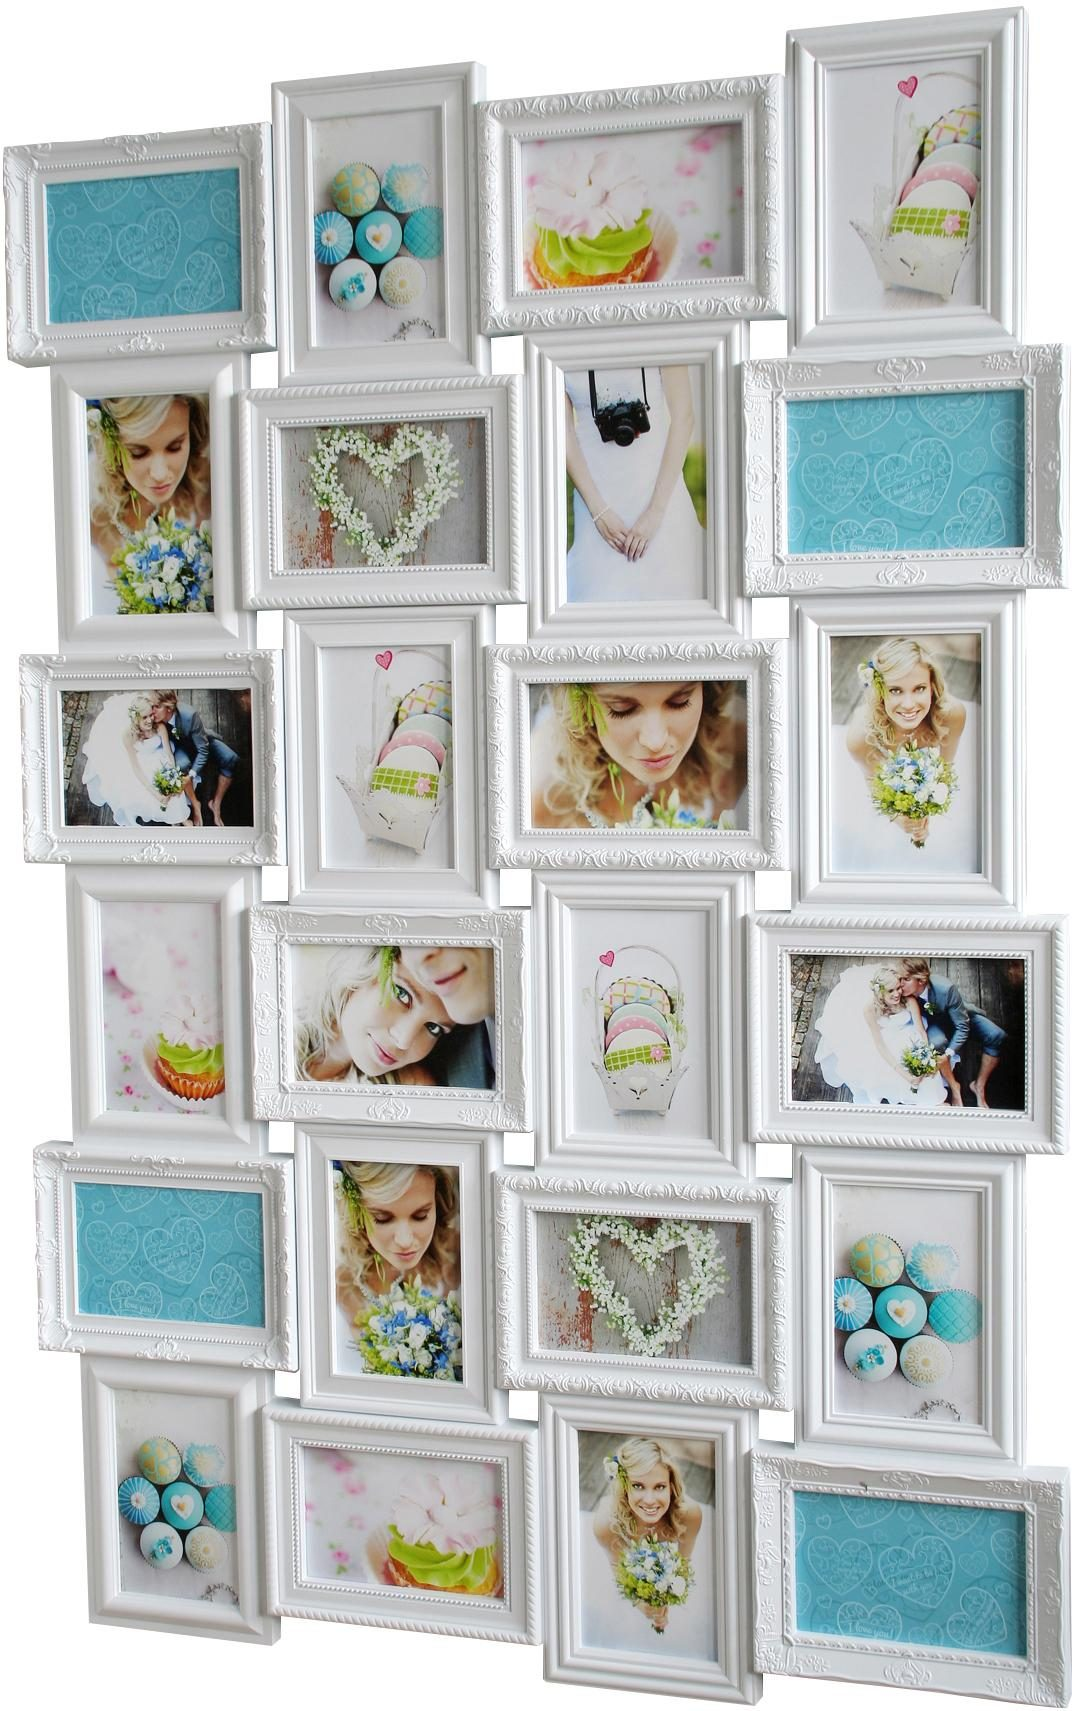 Home affaire Galerierahmen für 24 Bilder